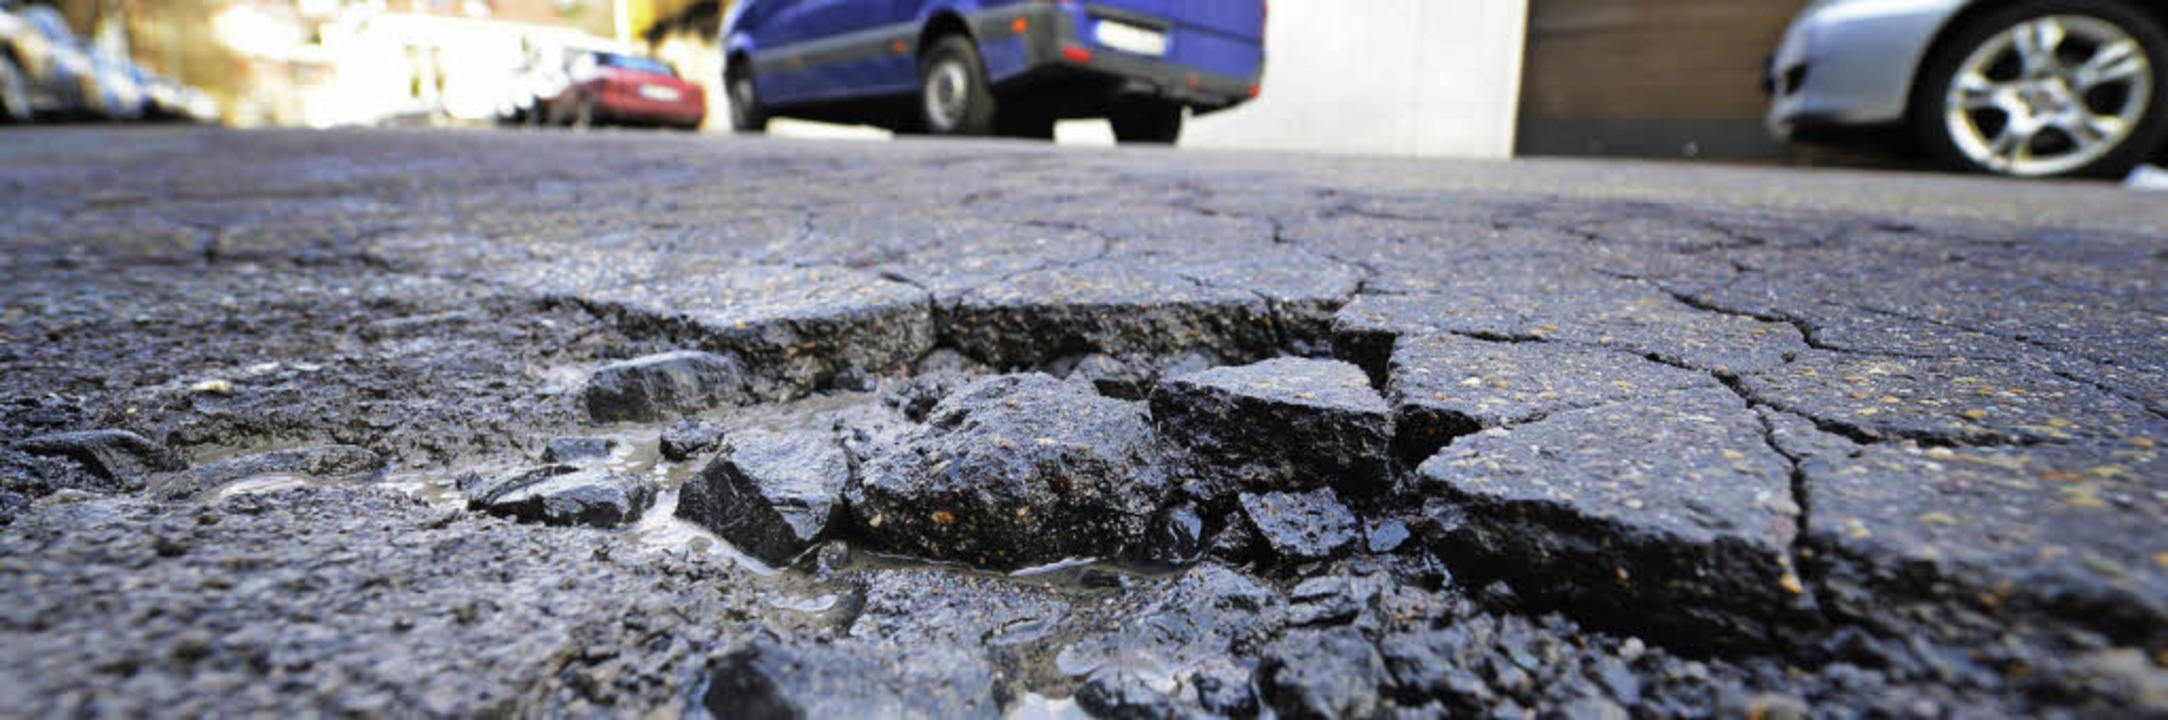 Wie überall in der Region gibt es auch...tenheim sanierungsbedürftige Straßen.   | Foto: dpa